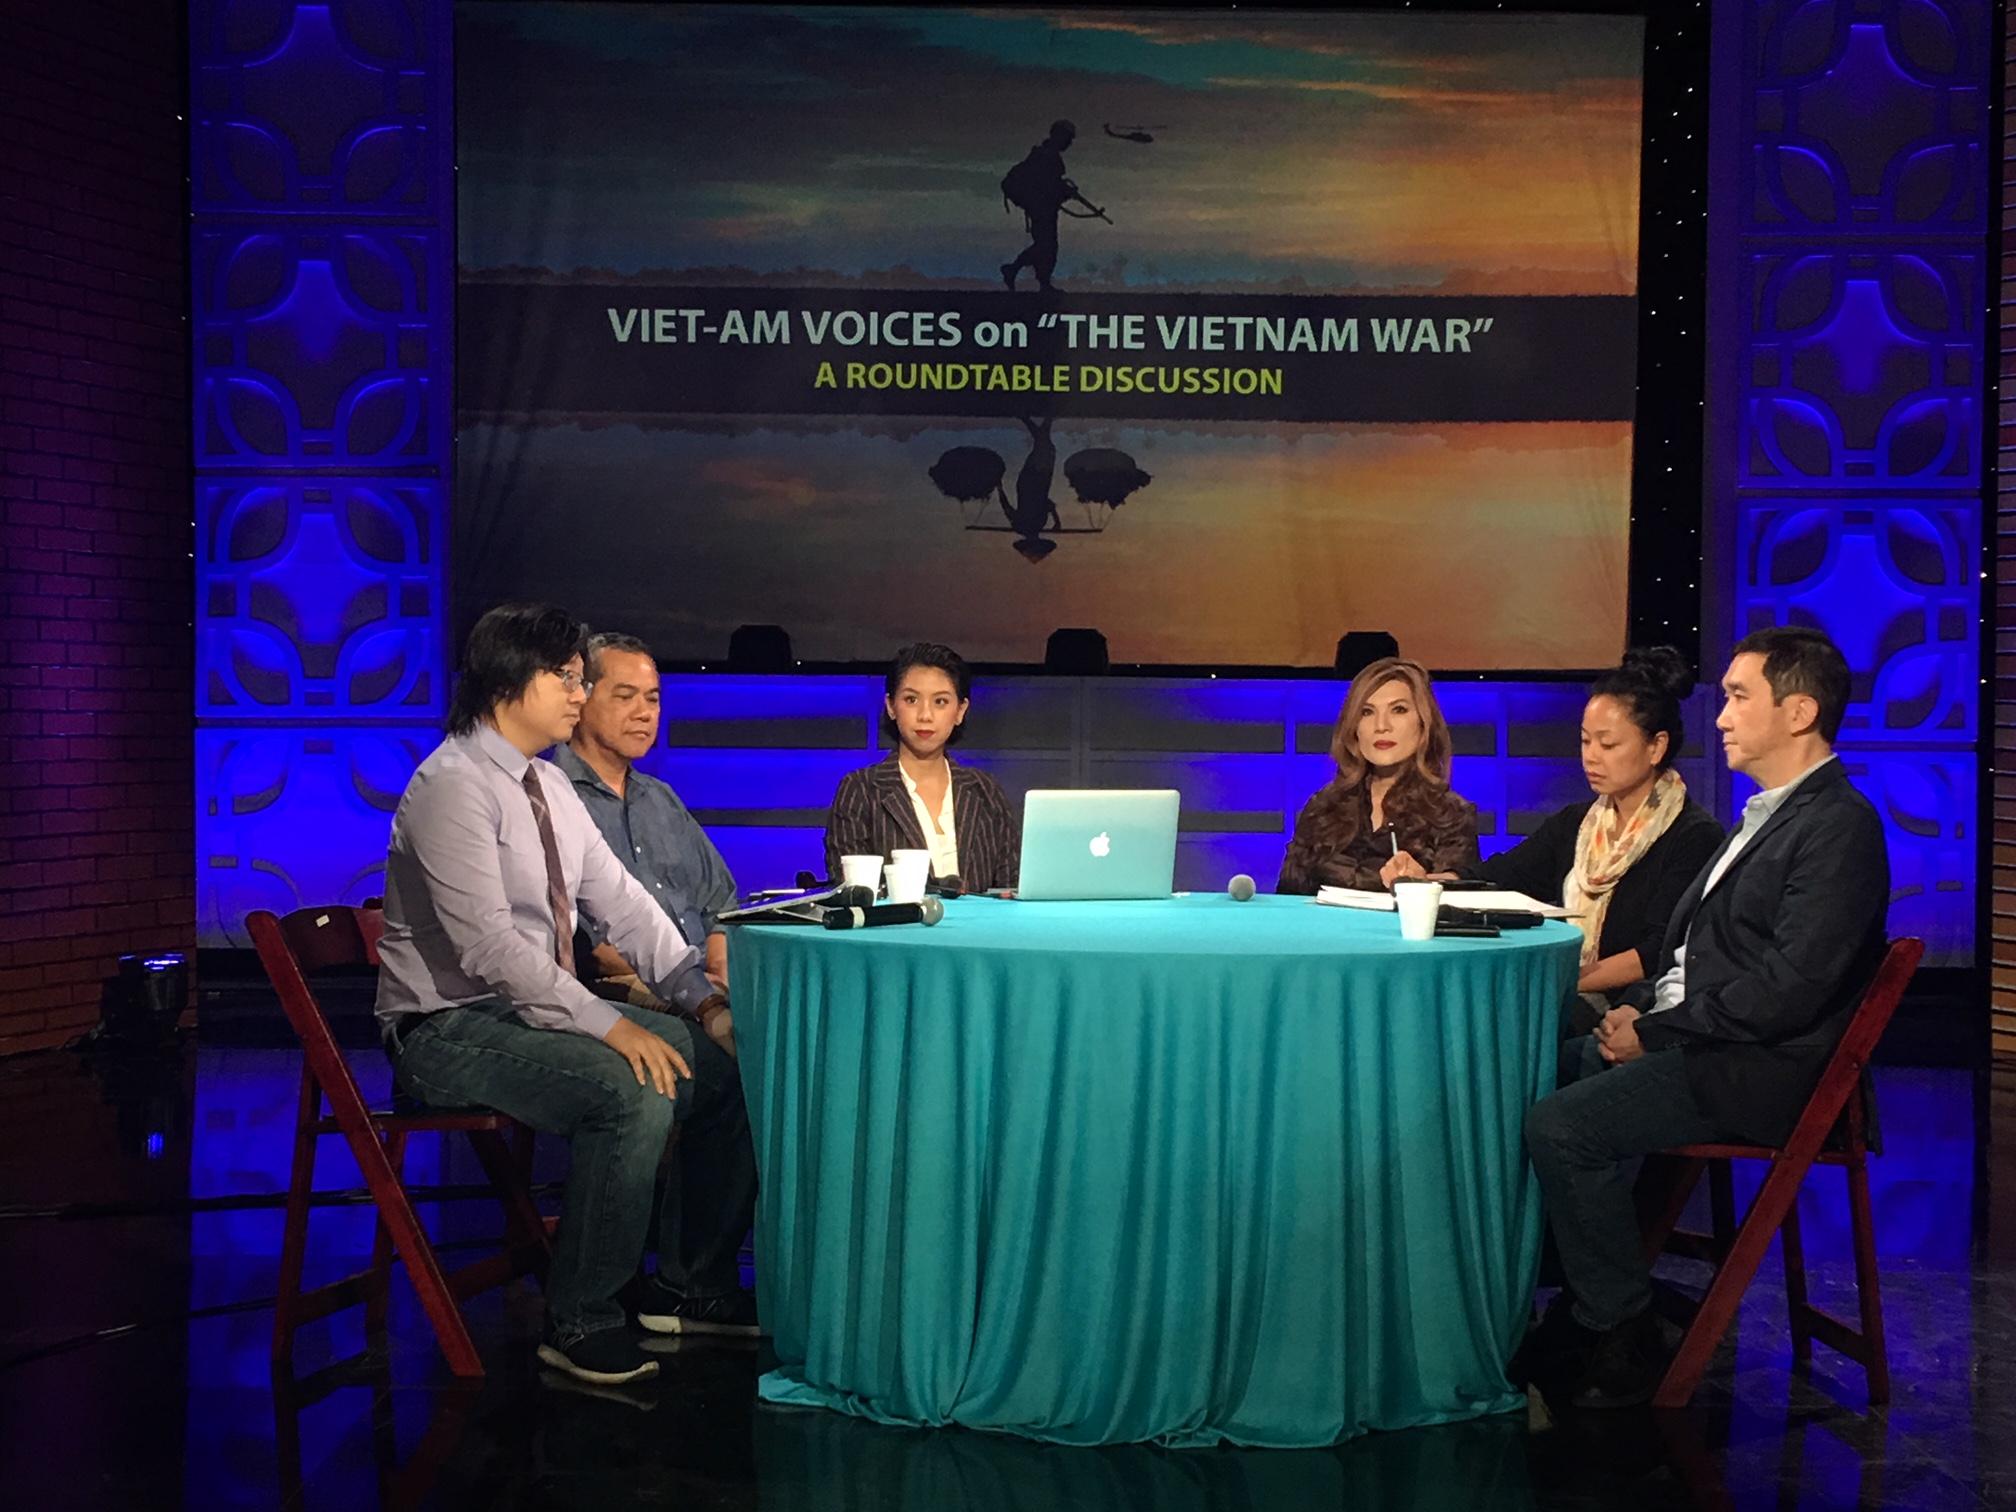 Hội luận bằng tiếng Anh về bộ phim The Vietnam War: thế hệ Mỹ gốc Việt 1.5 và 2.0 vào cuộc